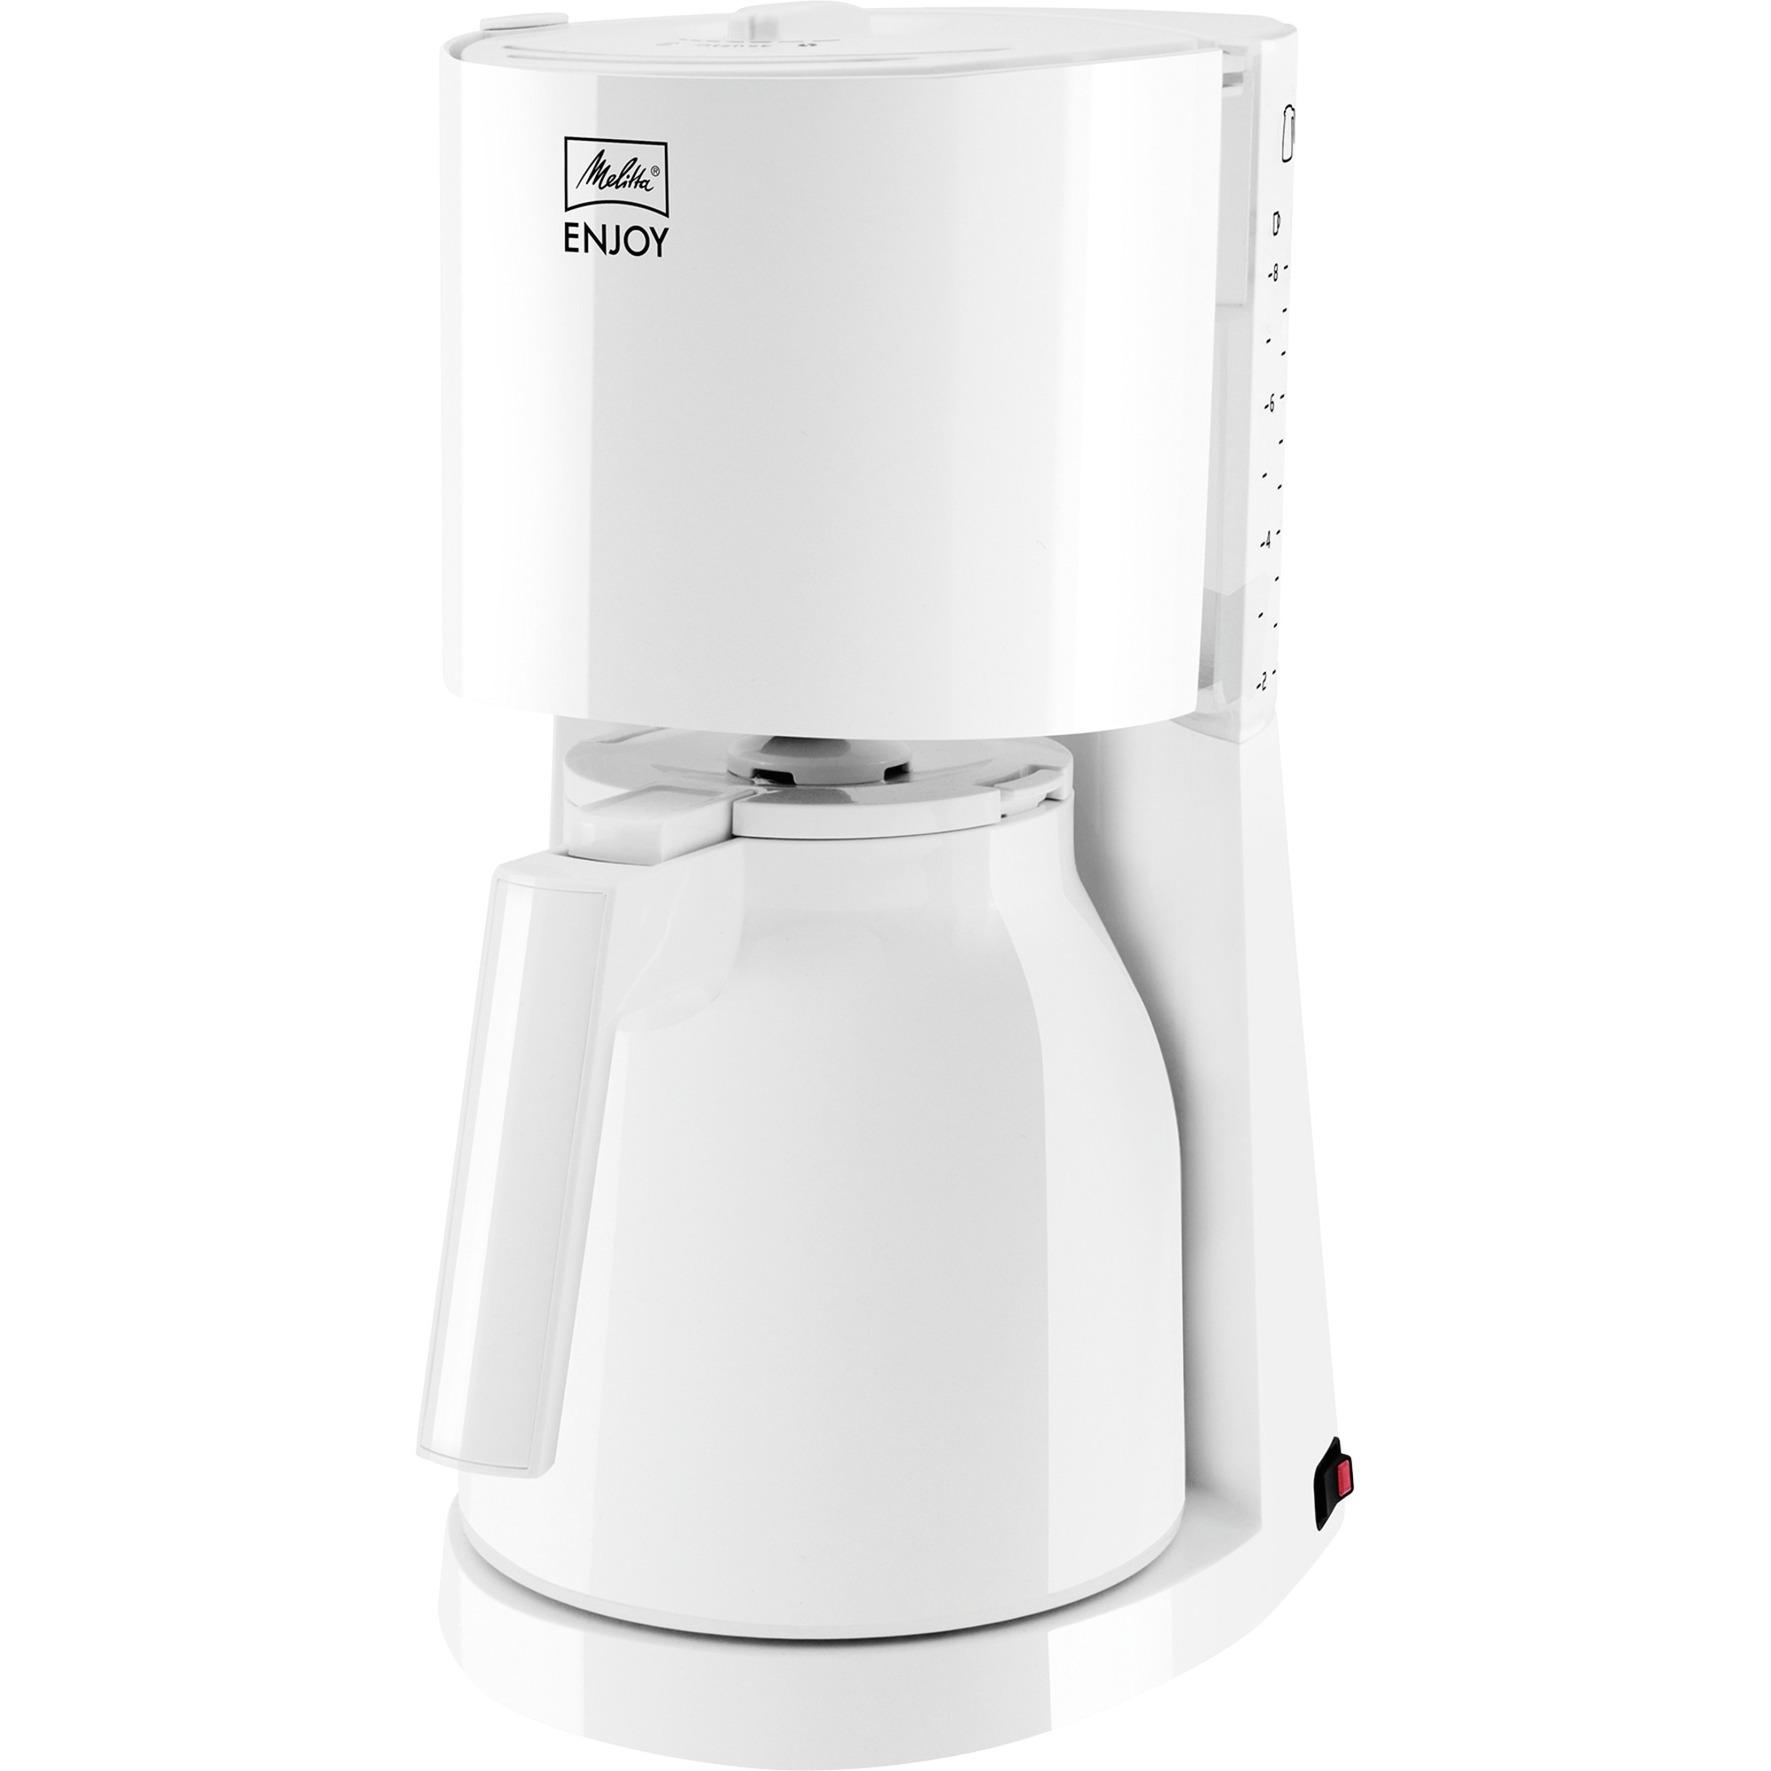 1017-05 Encimera Cafetera de filtro